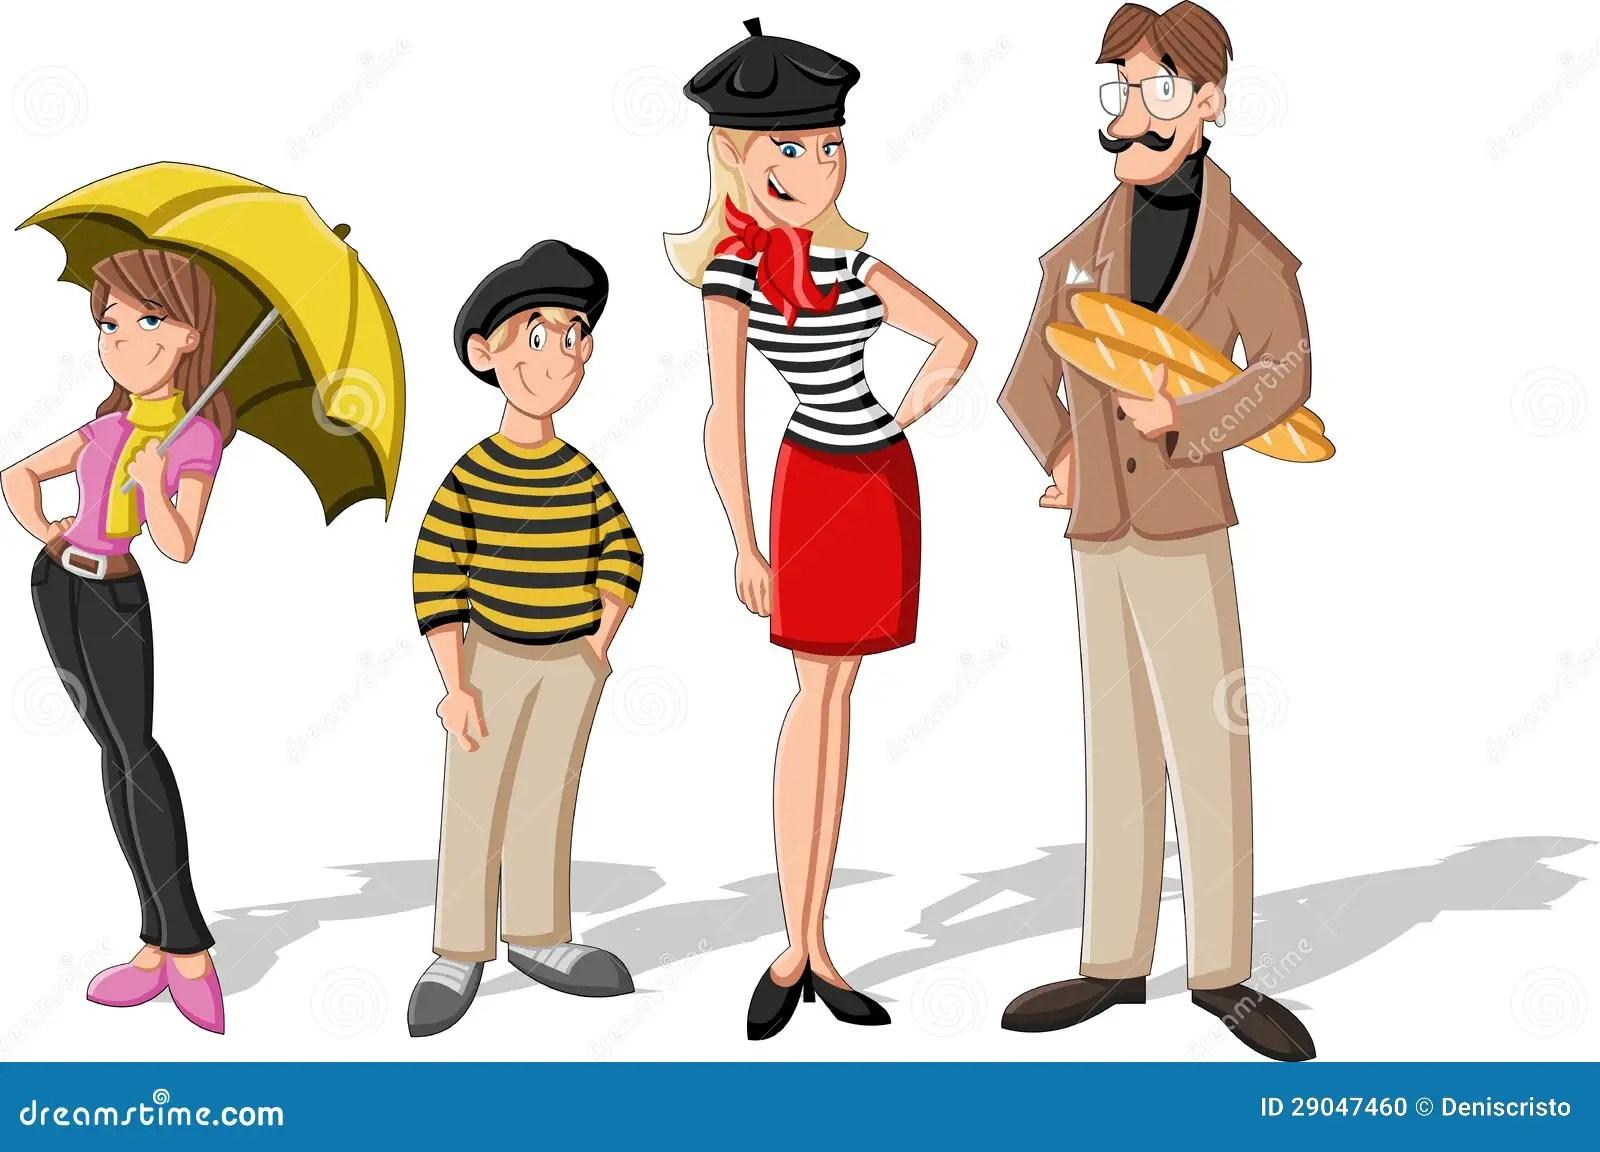 Fashion French Cartoon Family Stock Vector